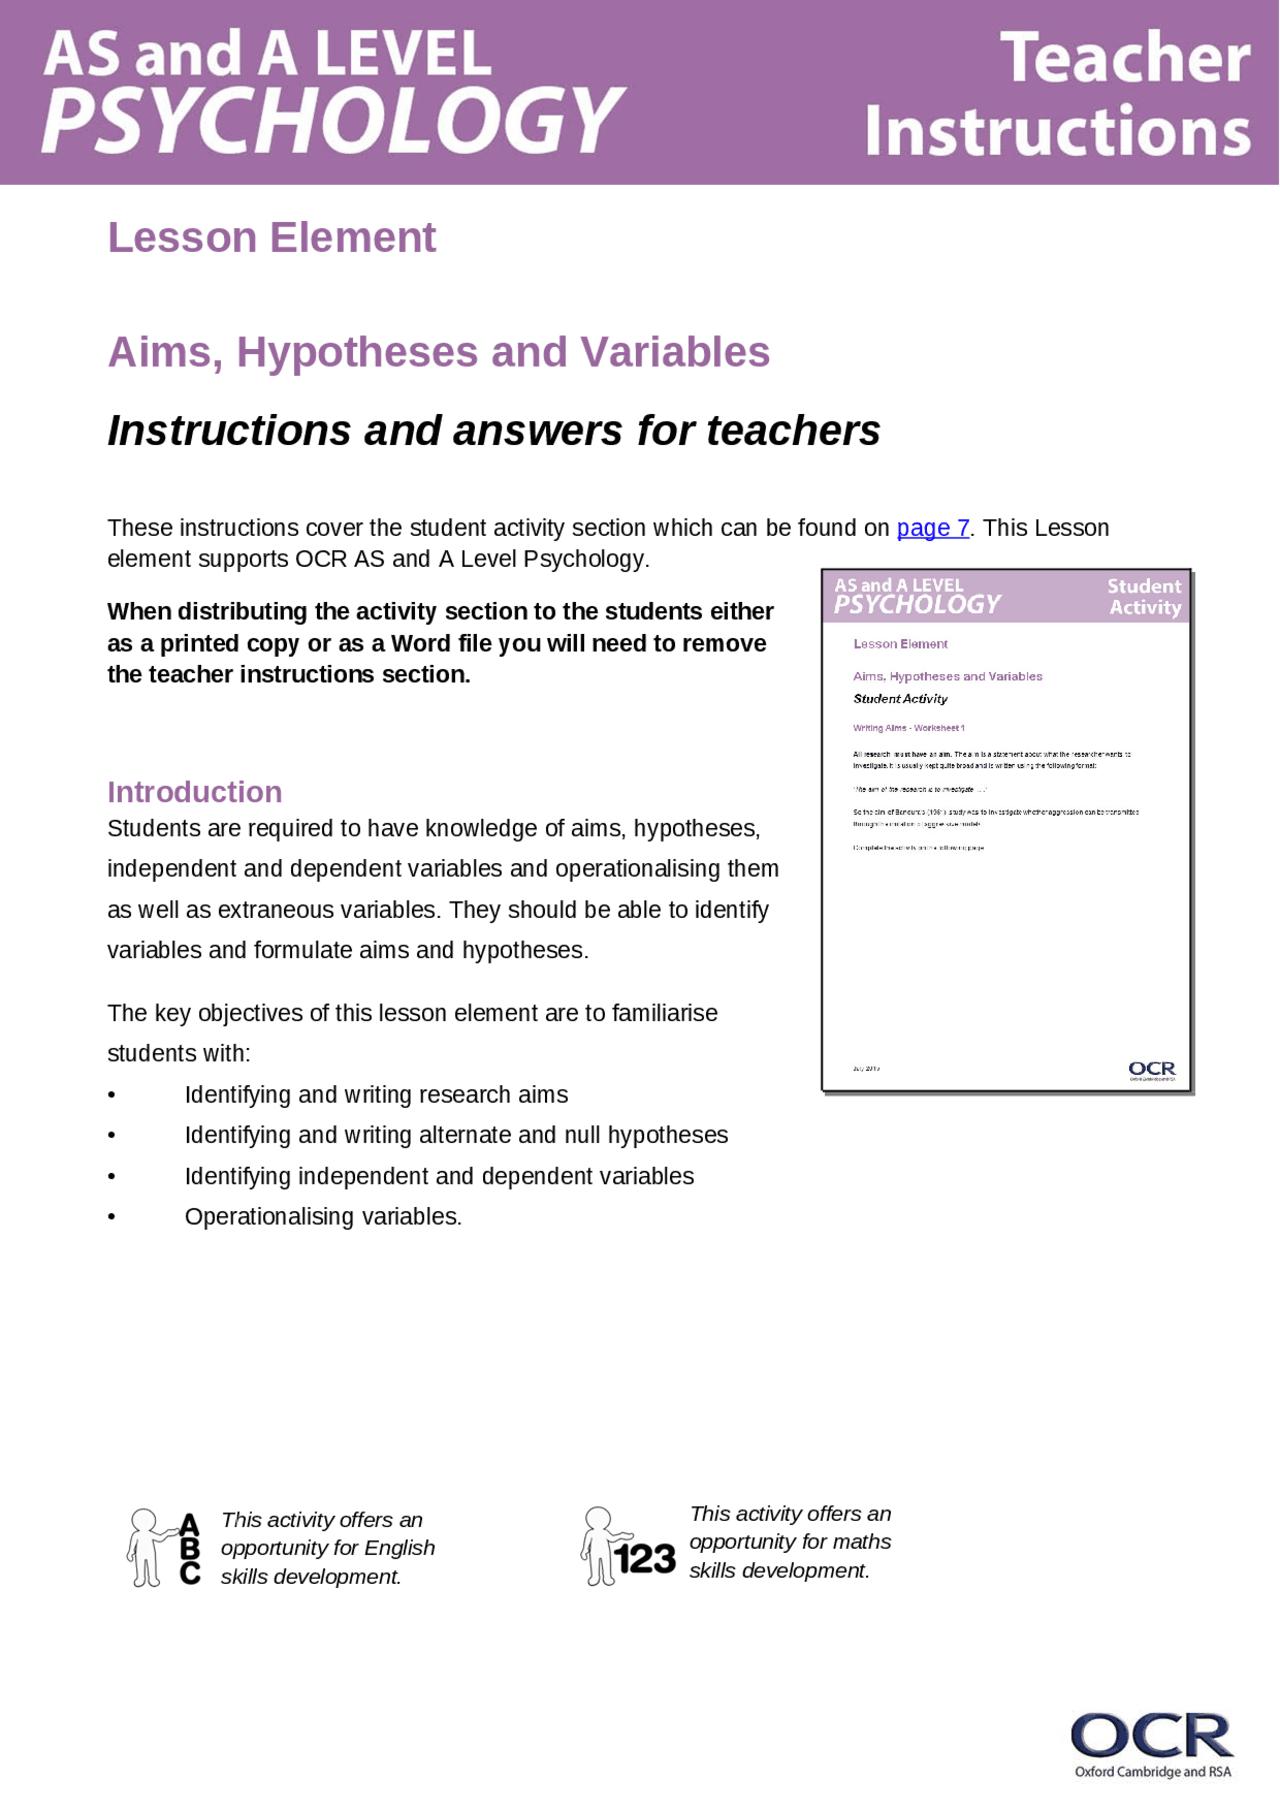 Hypothesis Worksheet For Practice Docsity [ 1811 x 1280 Pixel ]